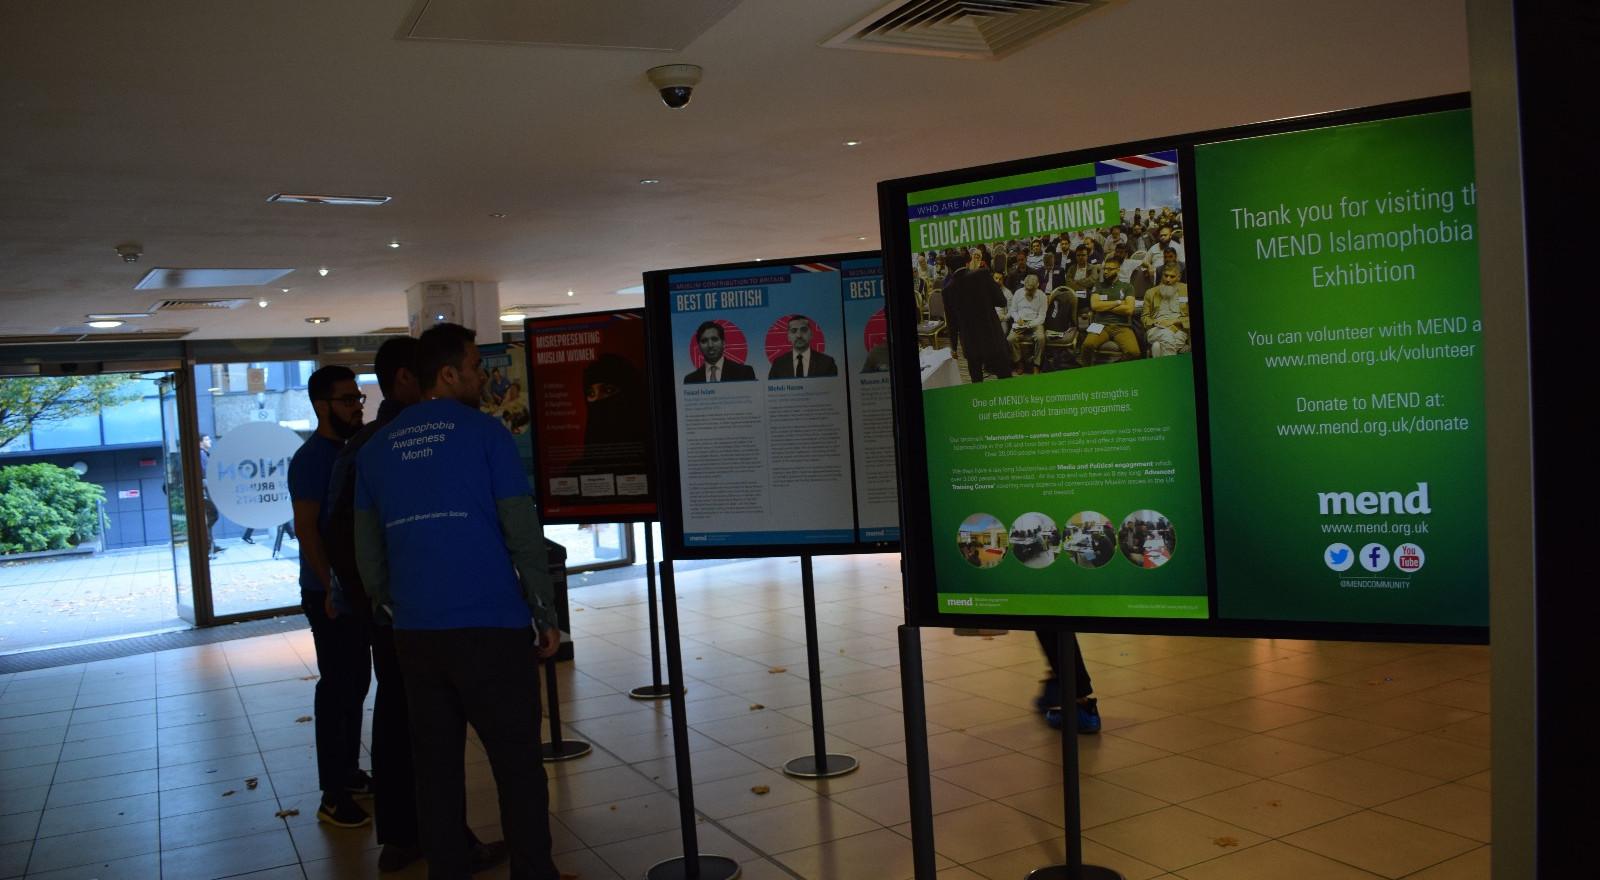 IAM Exhibition!